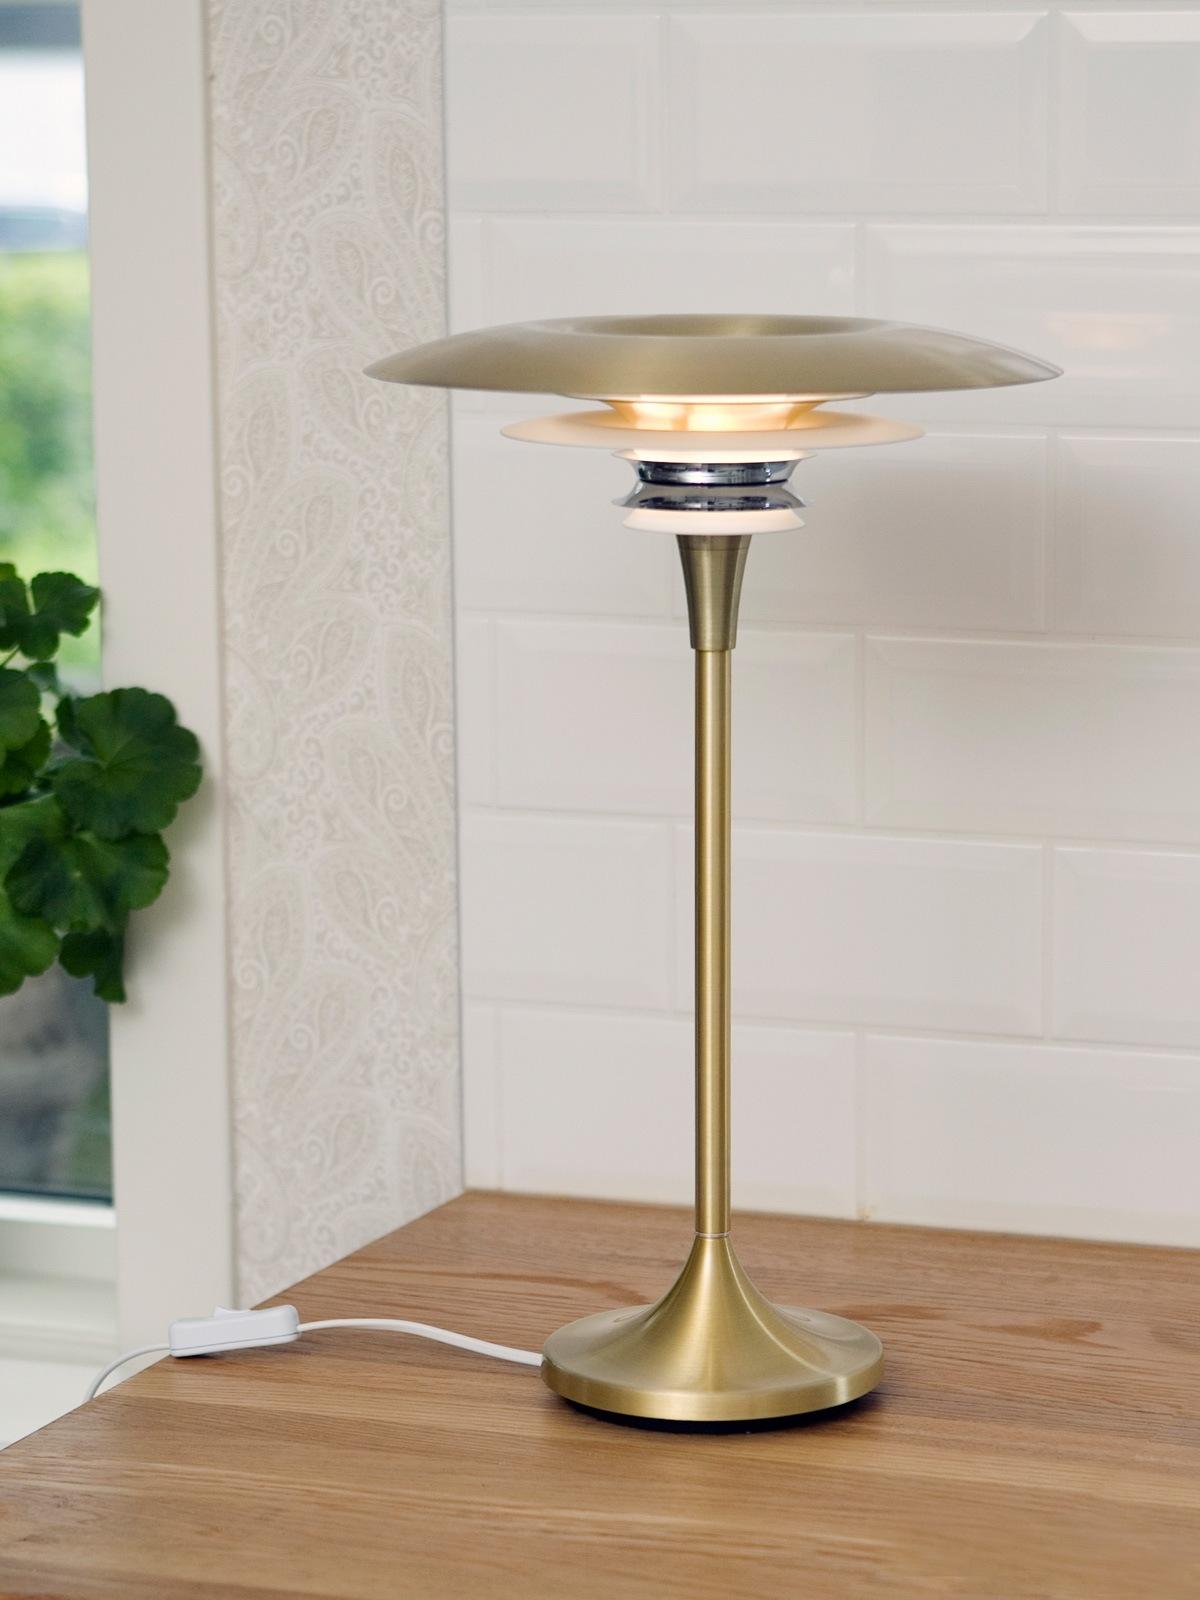 Belid Diablo Tischlampe DesignOrt Onlineshop Lampen Berlin